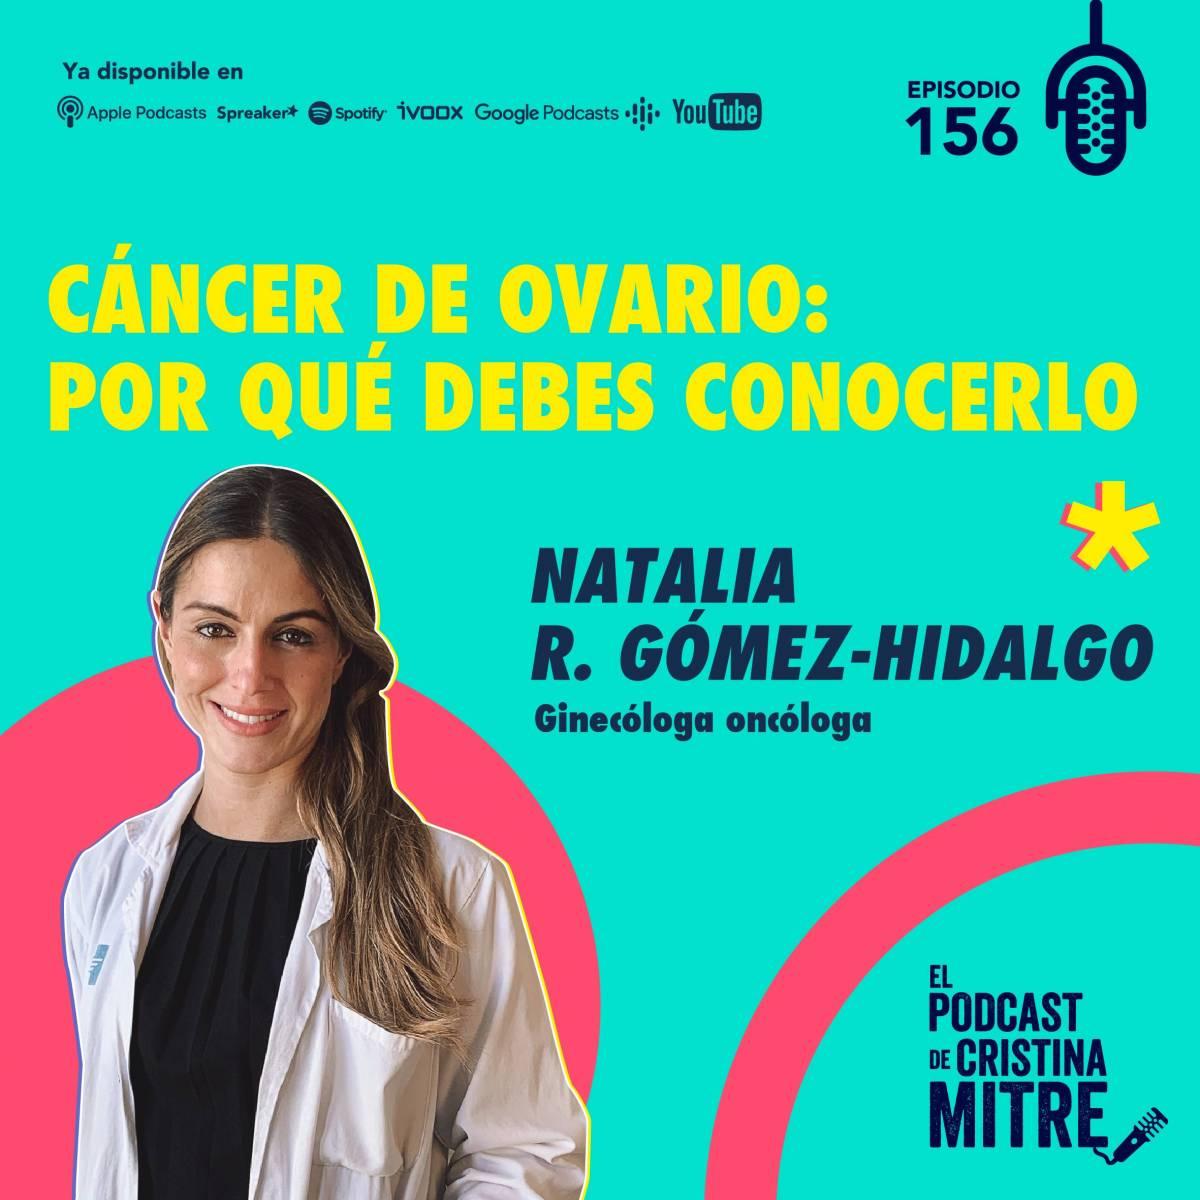 cáncer de ovario El podcast de Cristina Mitre